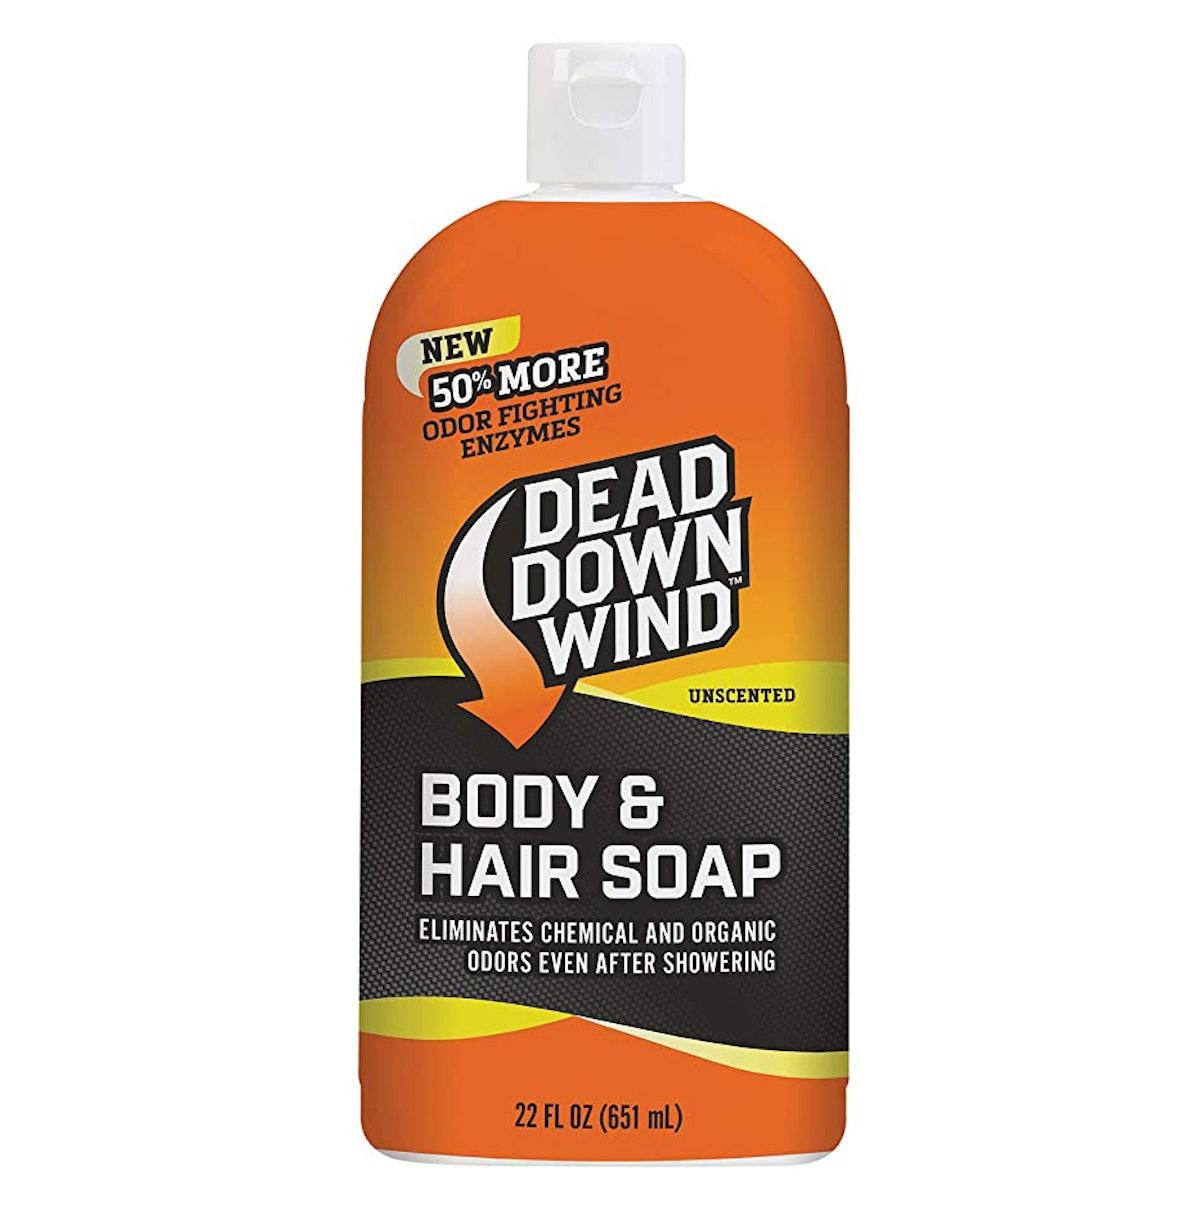 Dead Down Wind Body & Hair Soap